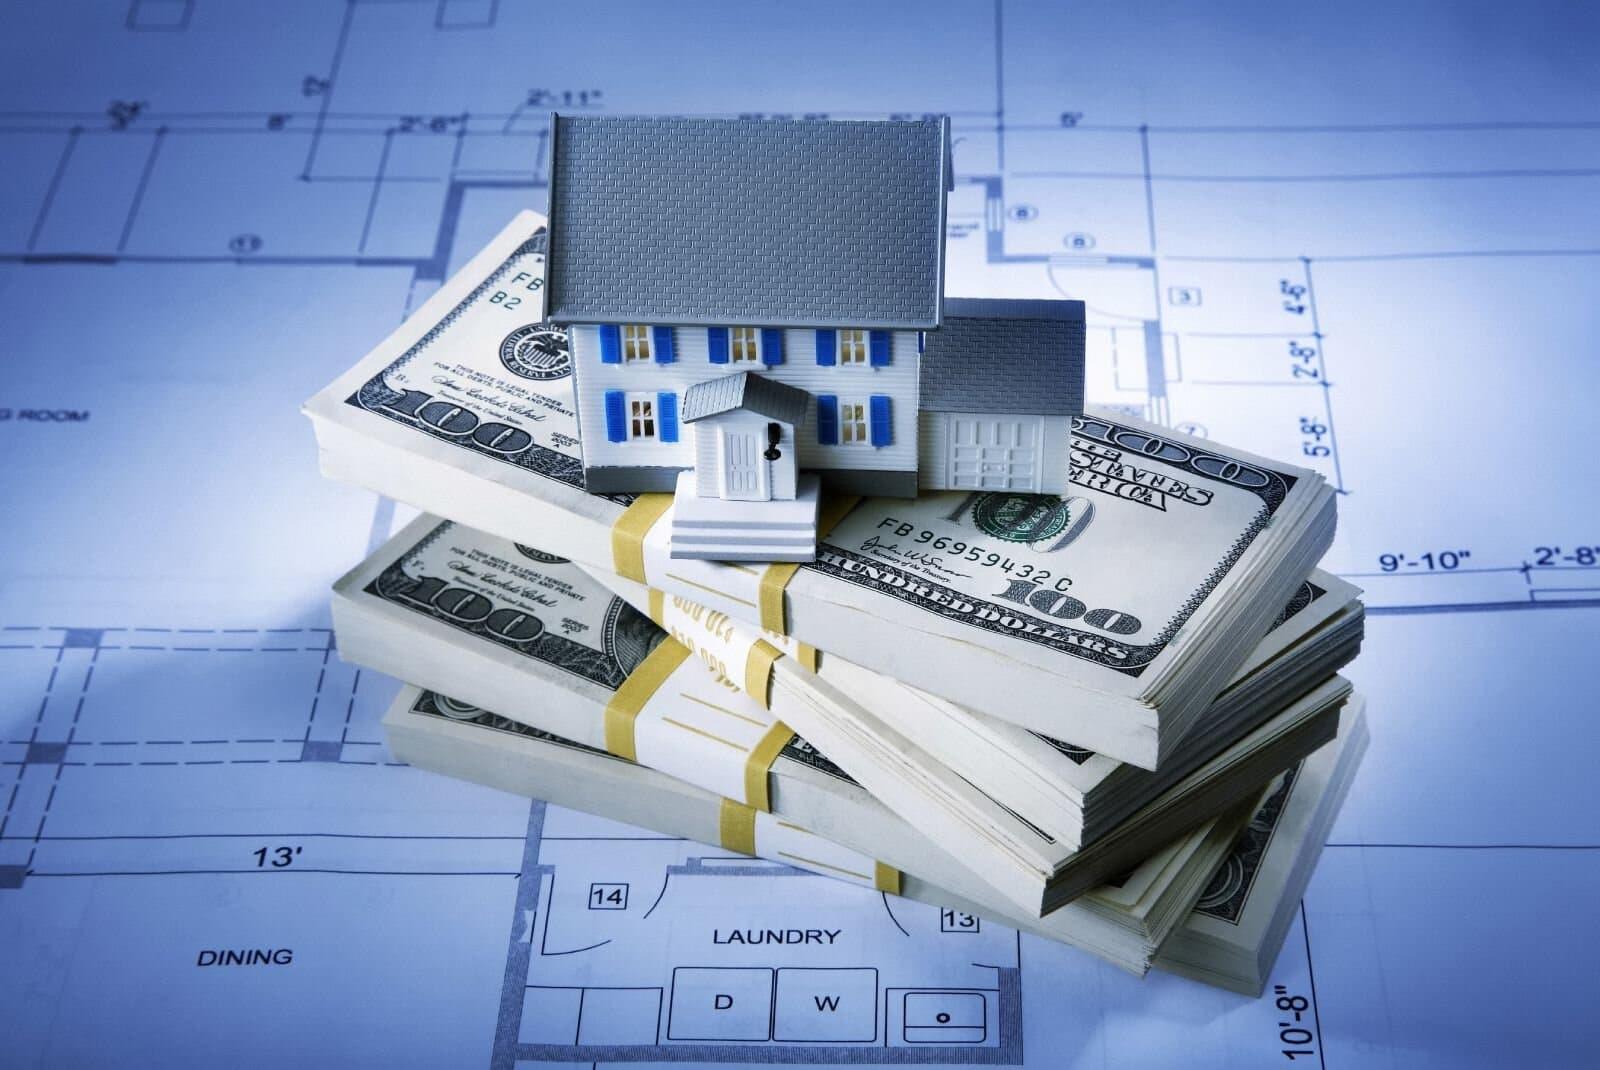 Продажа квартиры по ипотеке - пошаговая инструкция для продавца в 2020 году, через сбербанк